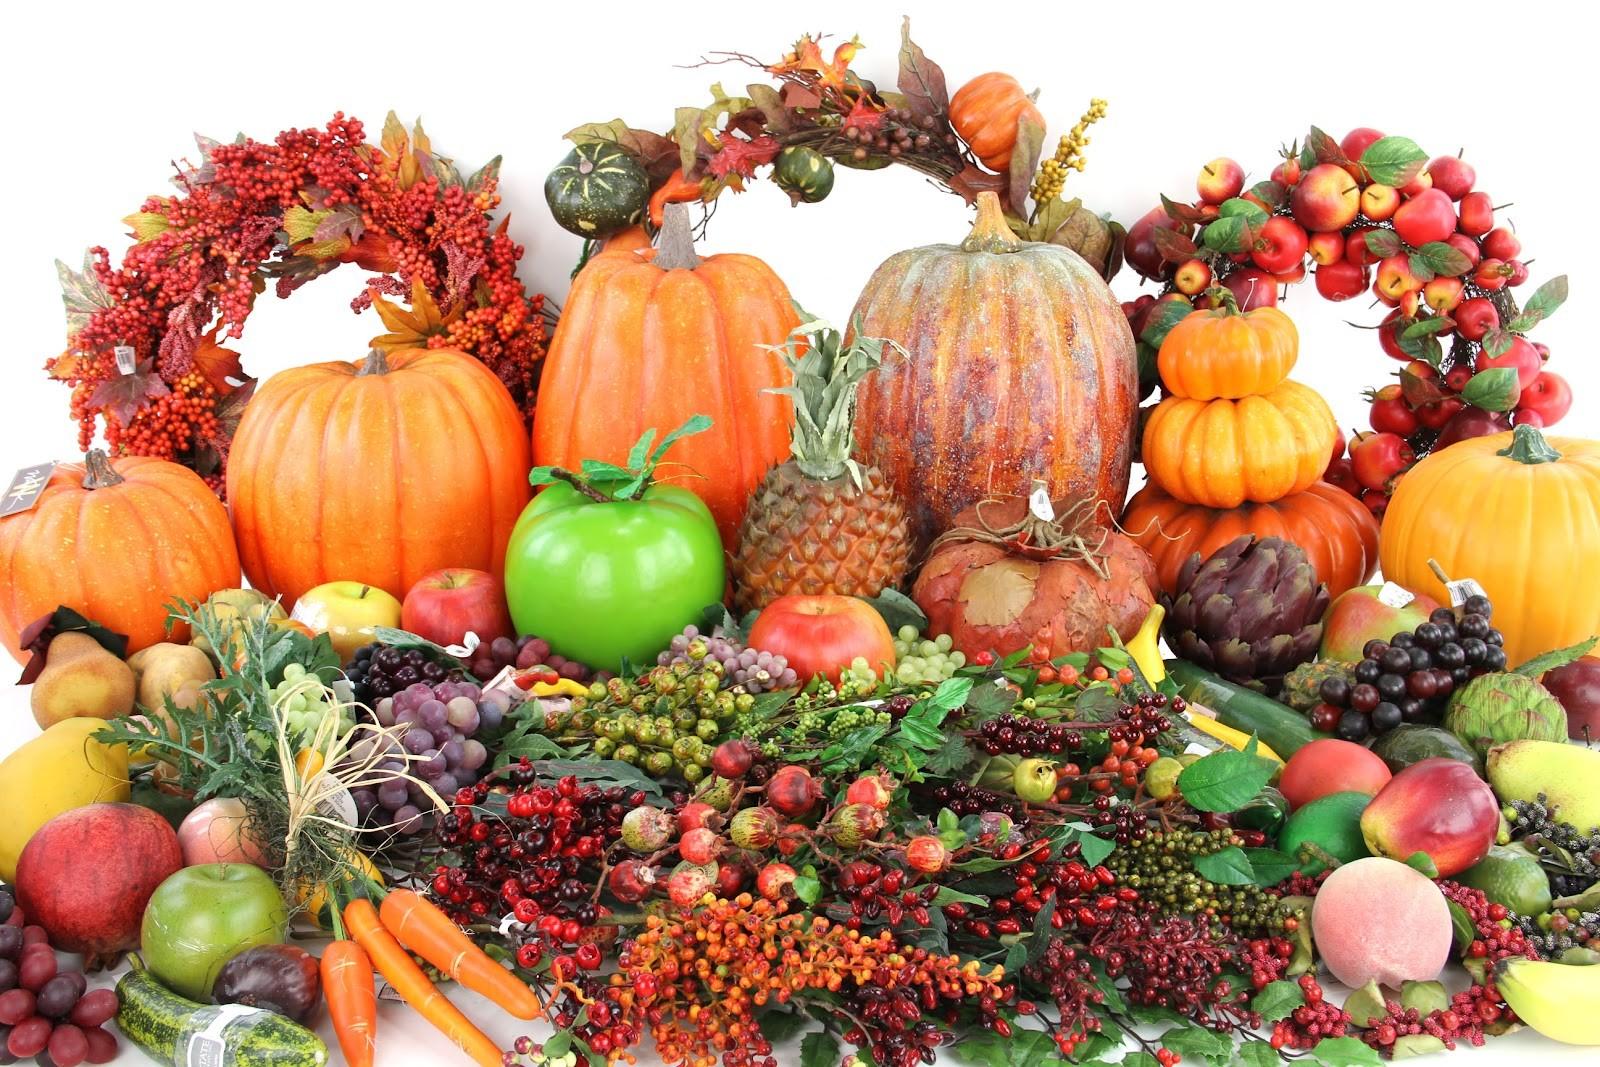 Manfaat Dan Fungsi Vitamin Bagi Tubuh